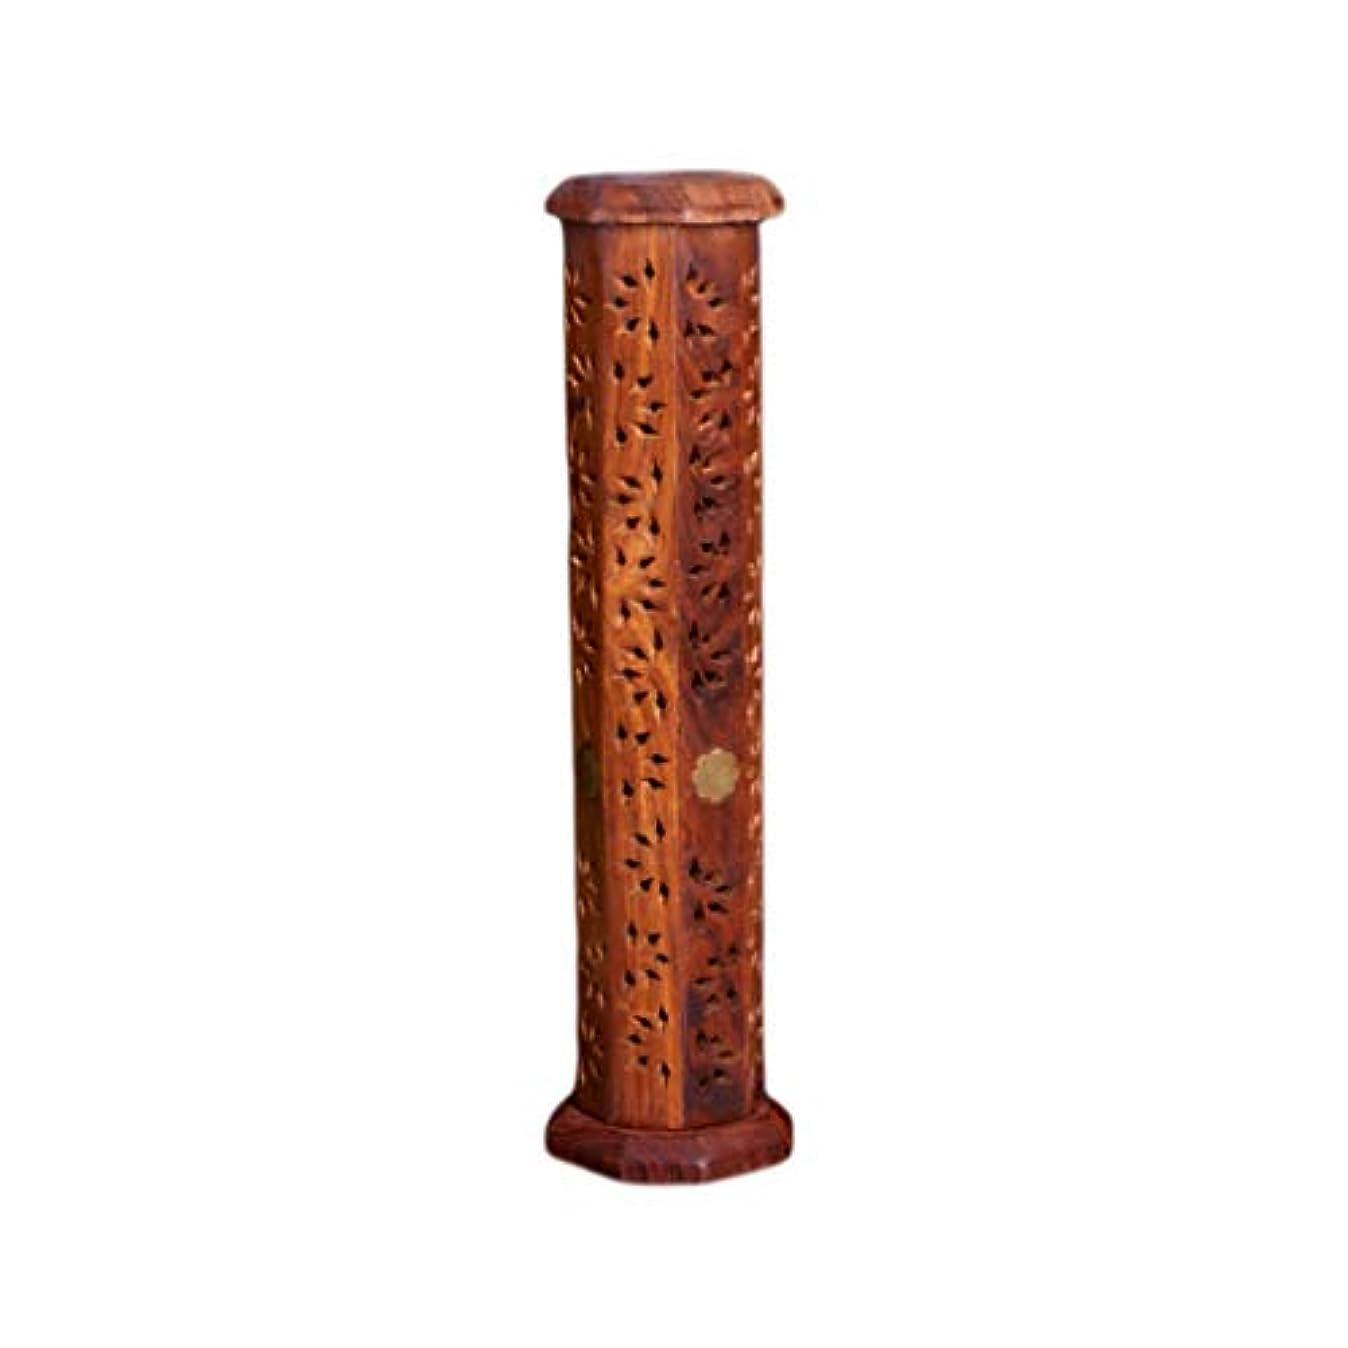 戦い昼食クラスウッドタワー香バーナー透かし彫り仏香スティックコーンバーナーホルダーホームフレグランス装飾香ホルダー (Color : Brown, サイズ : 2.95*12inchs)